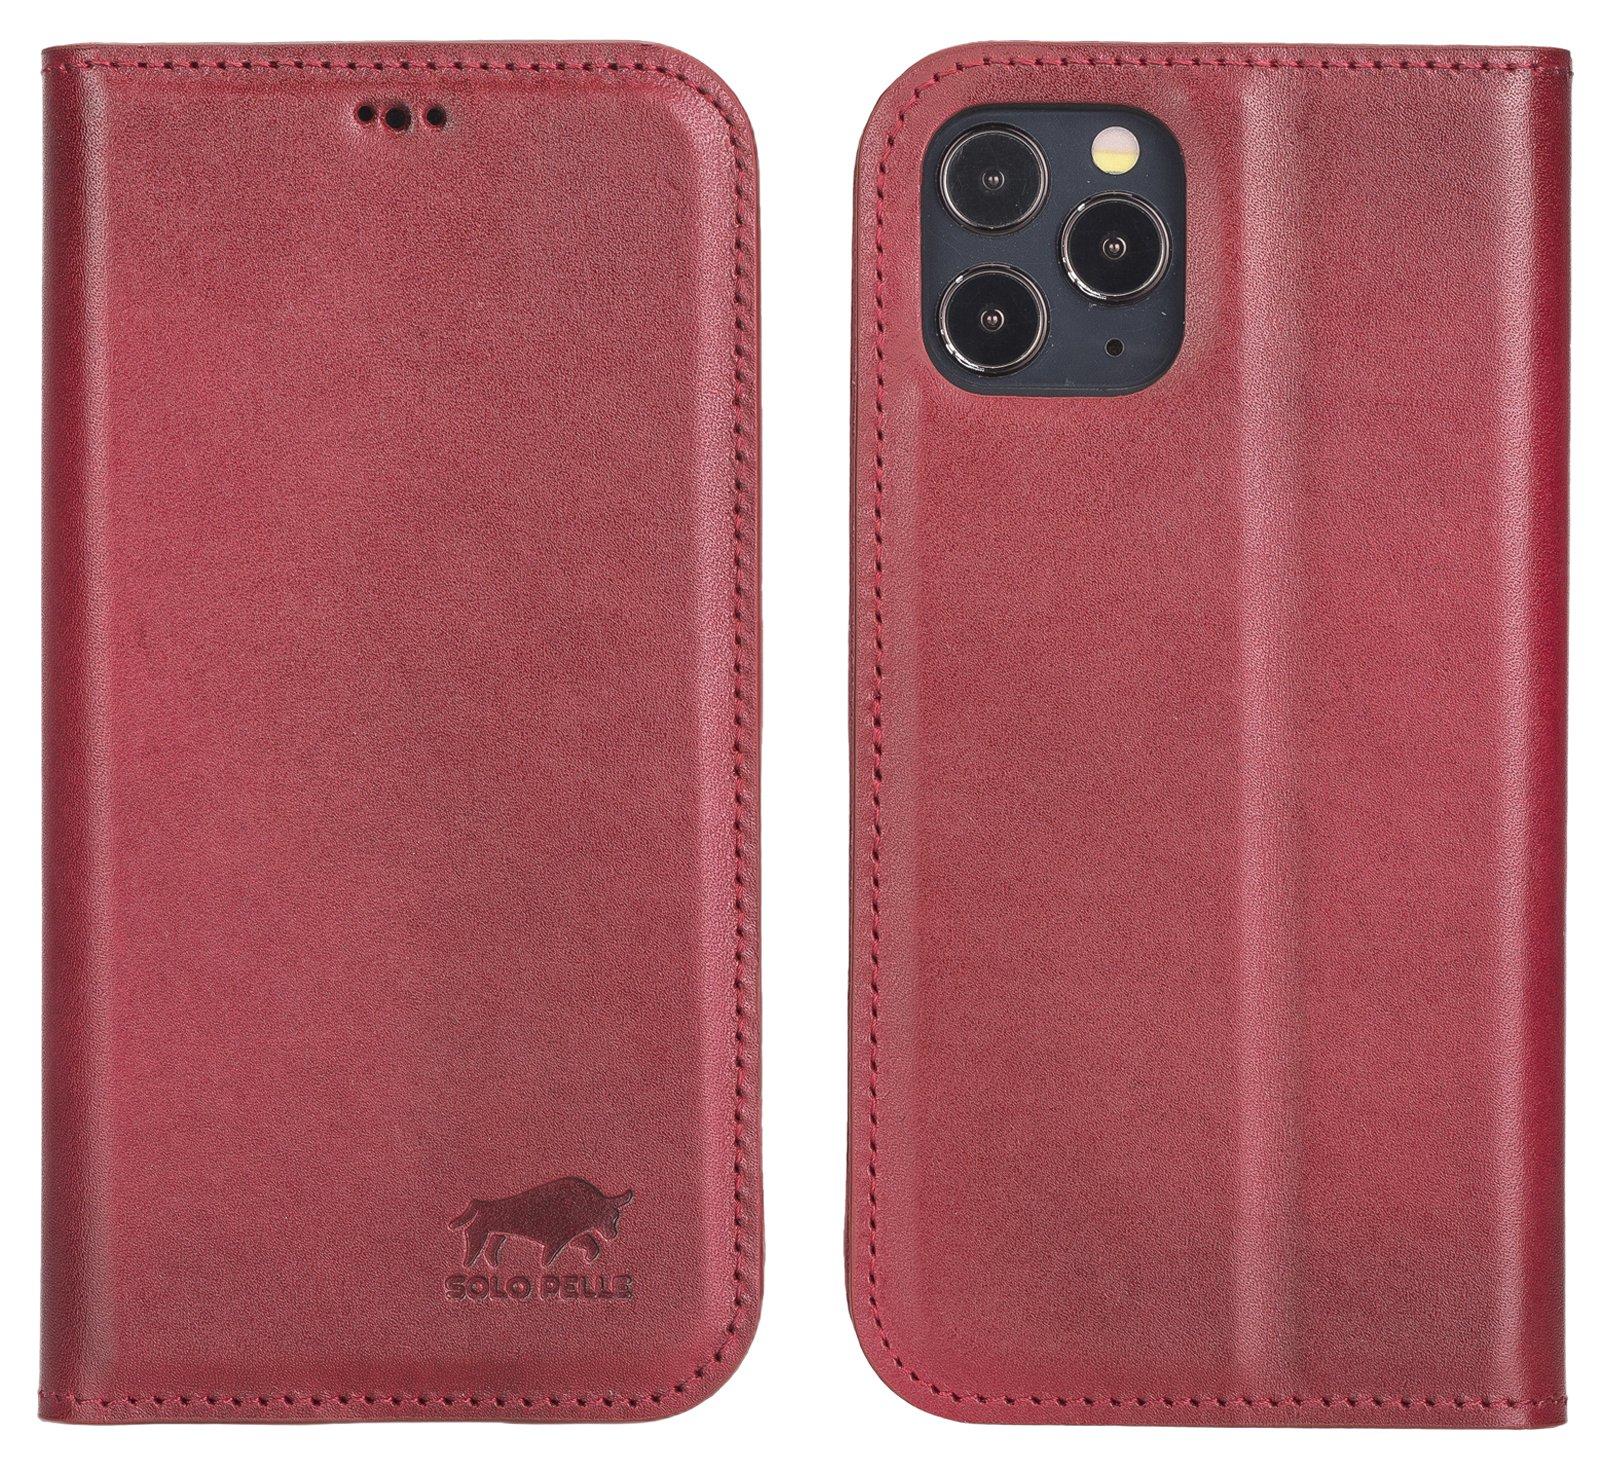 Lederhülle für iPhone 12 I 12 Pro (Cognac Braun Burned)